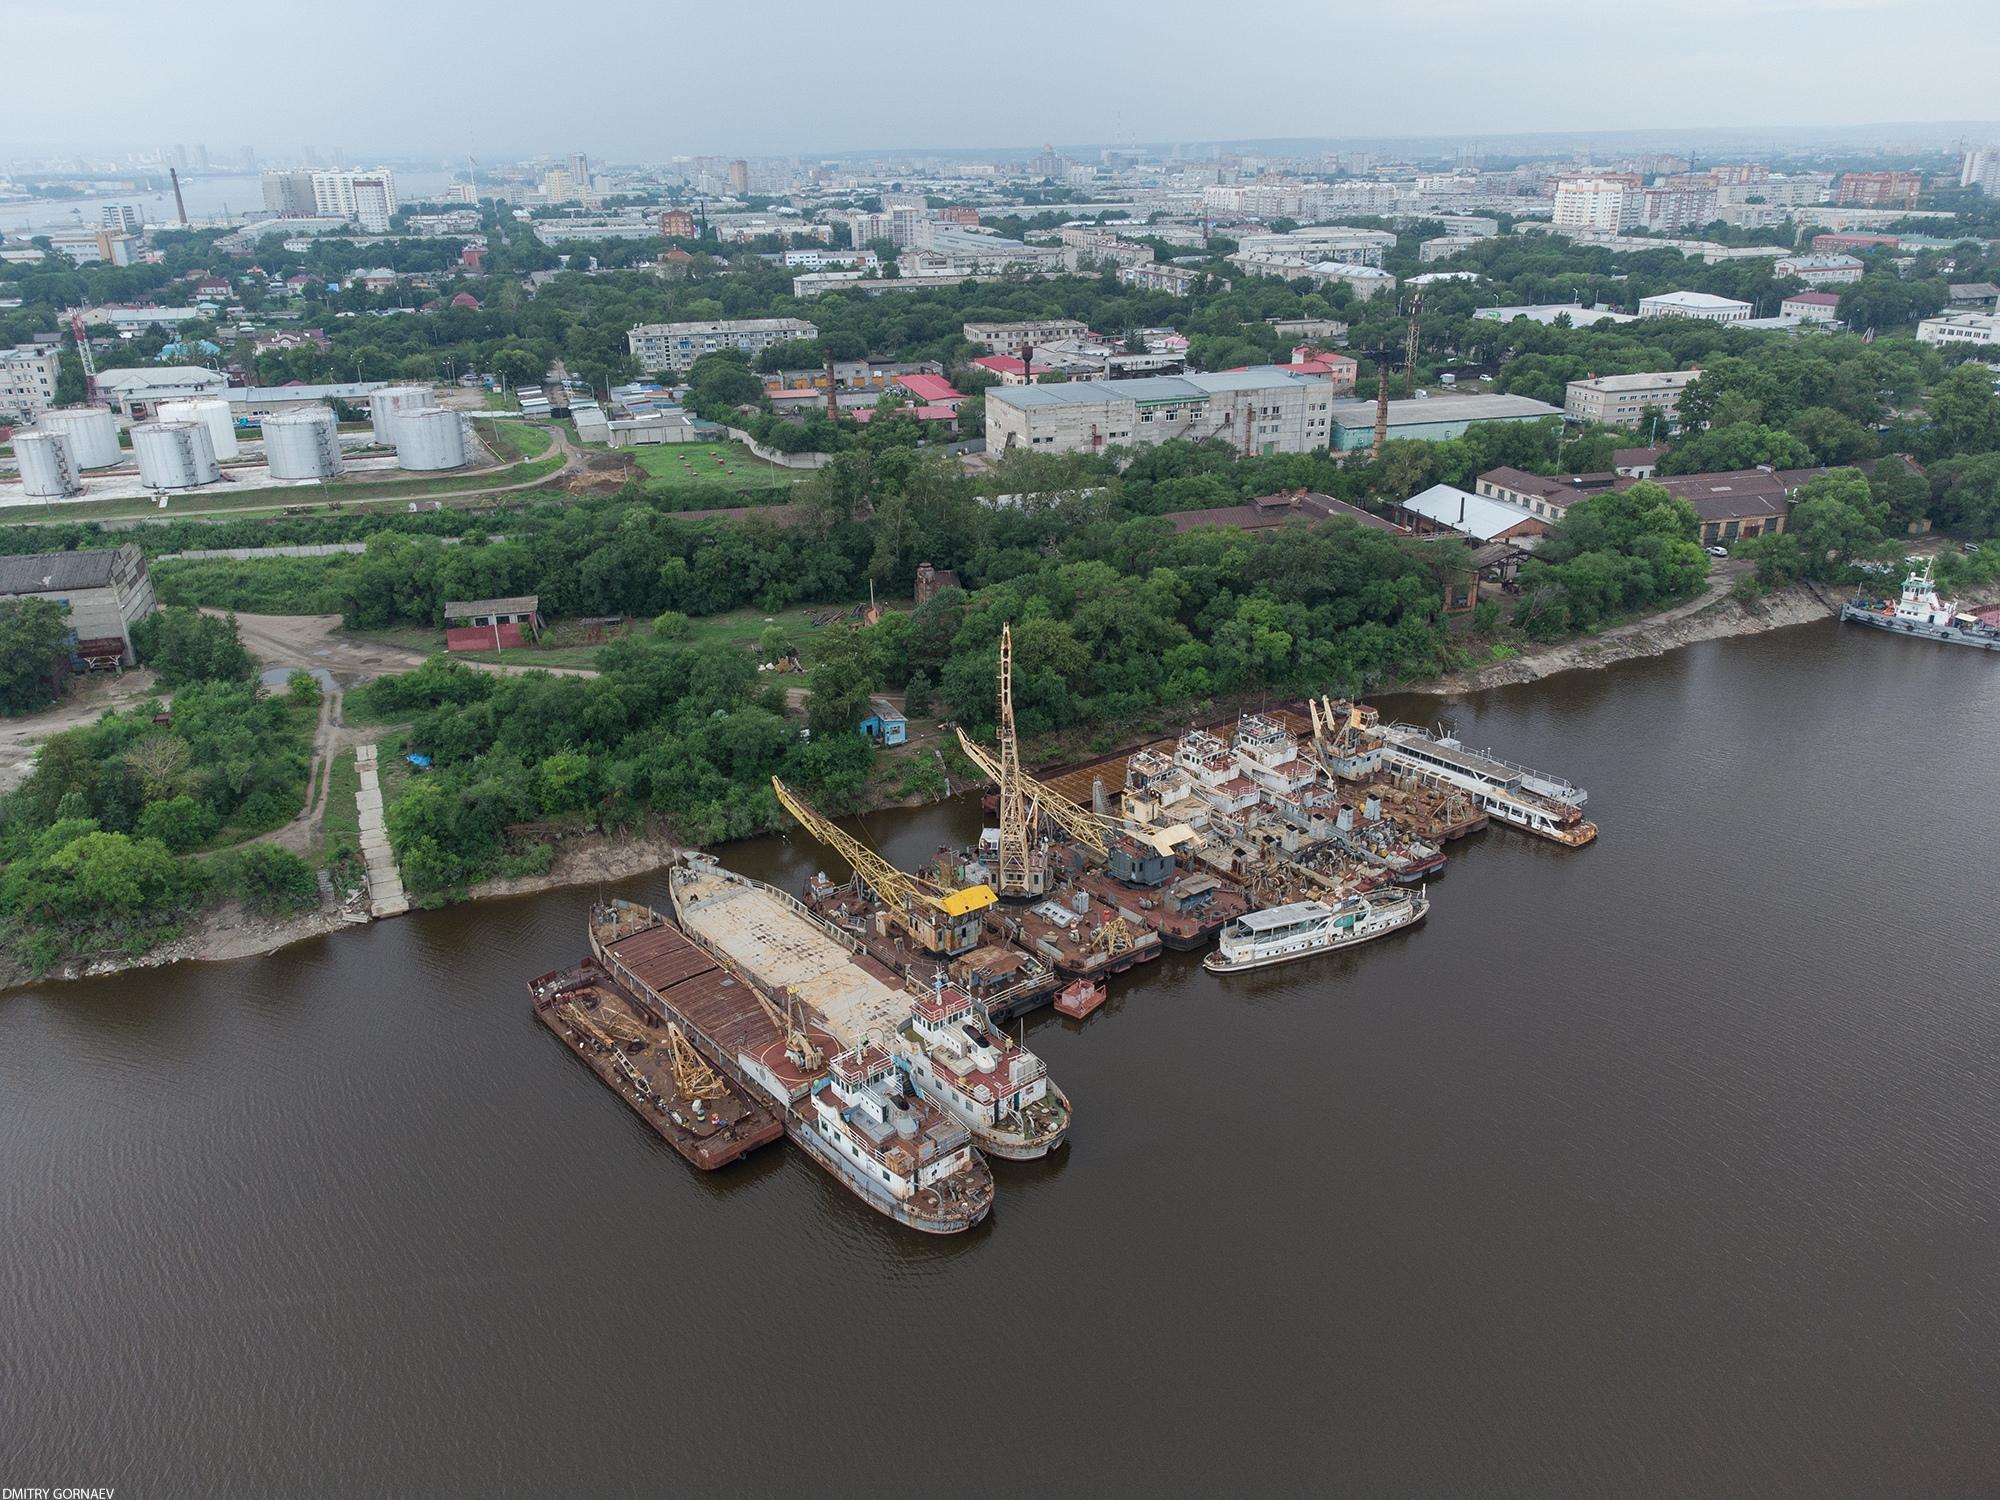 Кладбище заброшенных кораблей в Благовещенске, Амурская область - Фото